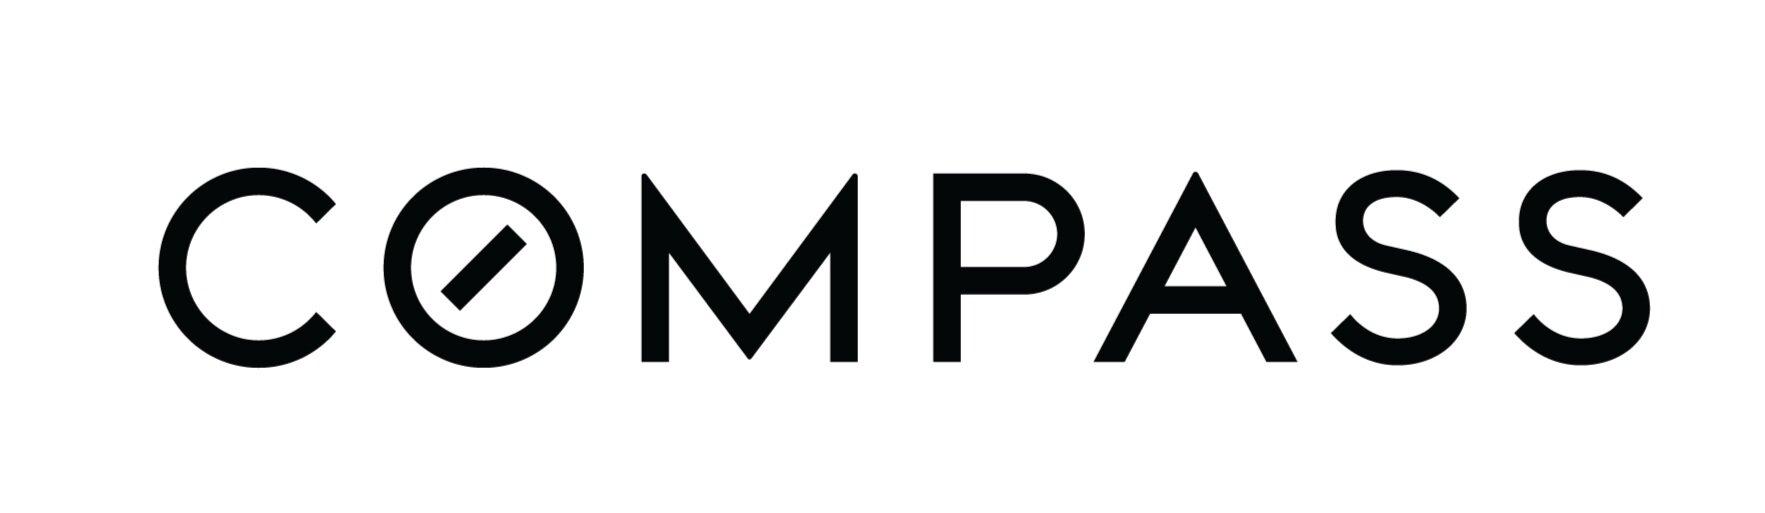 compass_logo_black_transparent.jpg